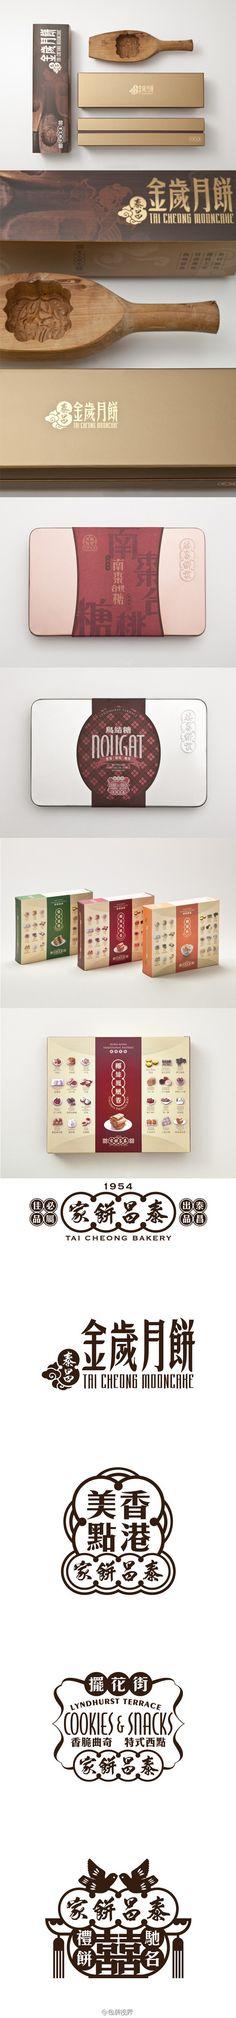 http://shijue.me/show_idea/4fcdb4994b7959022200007f